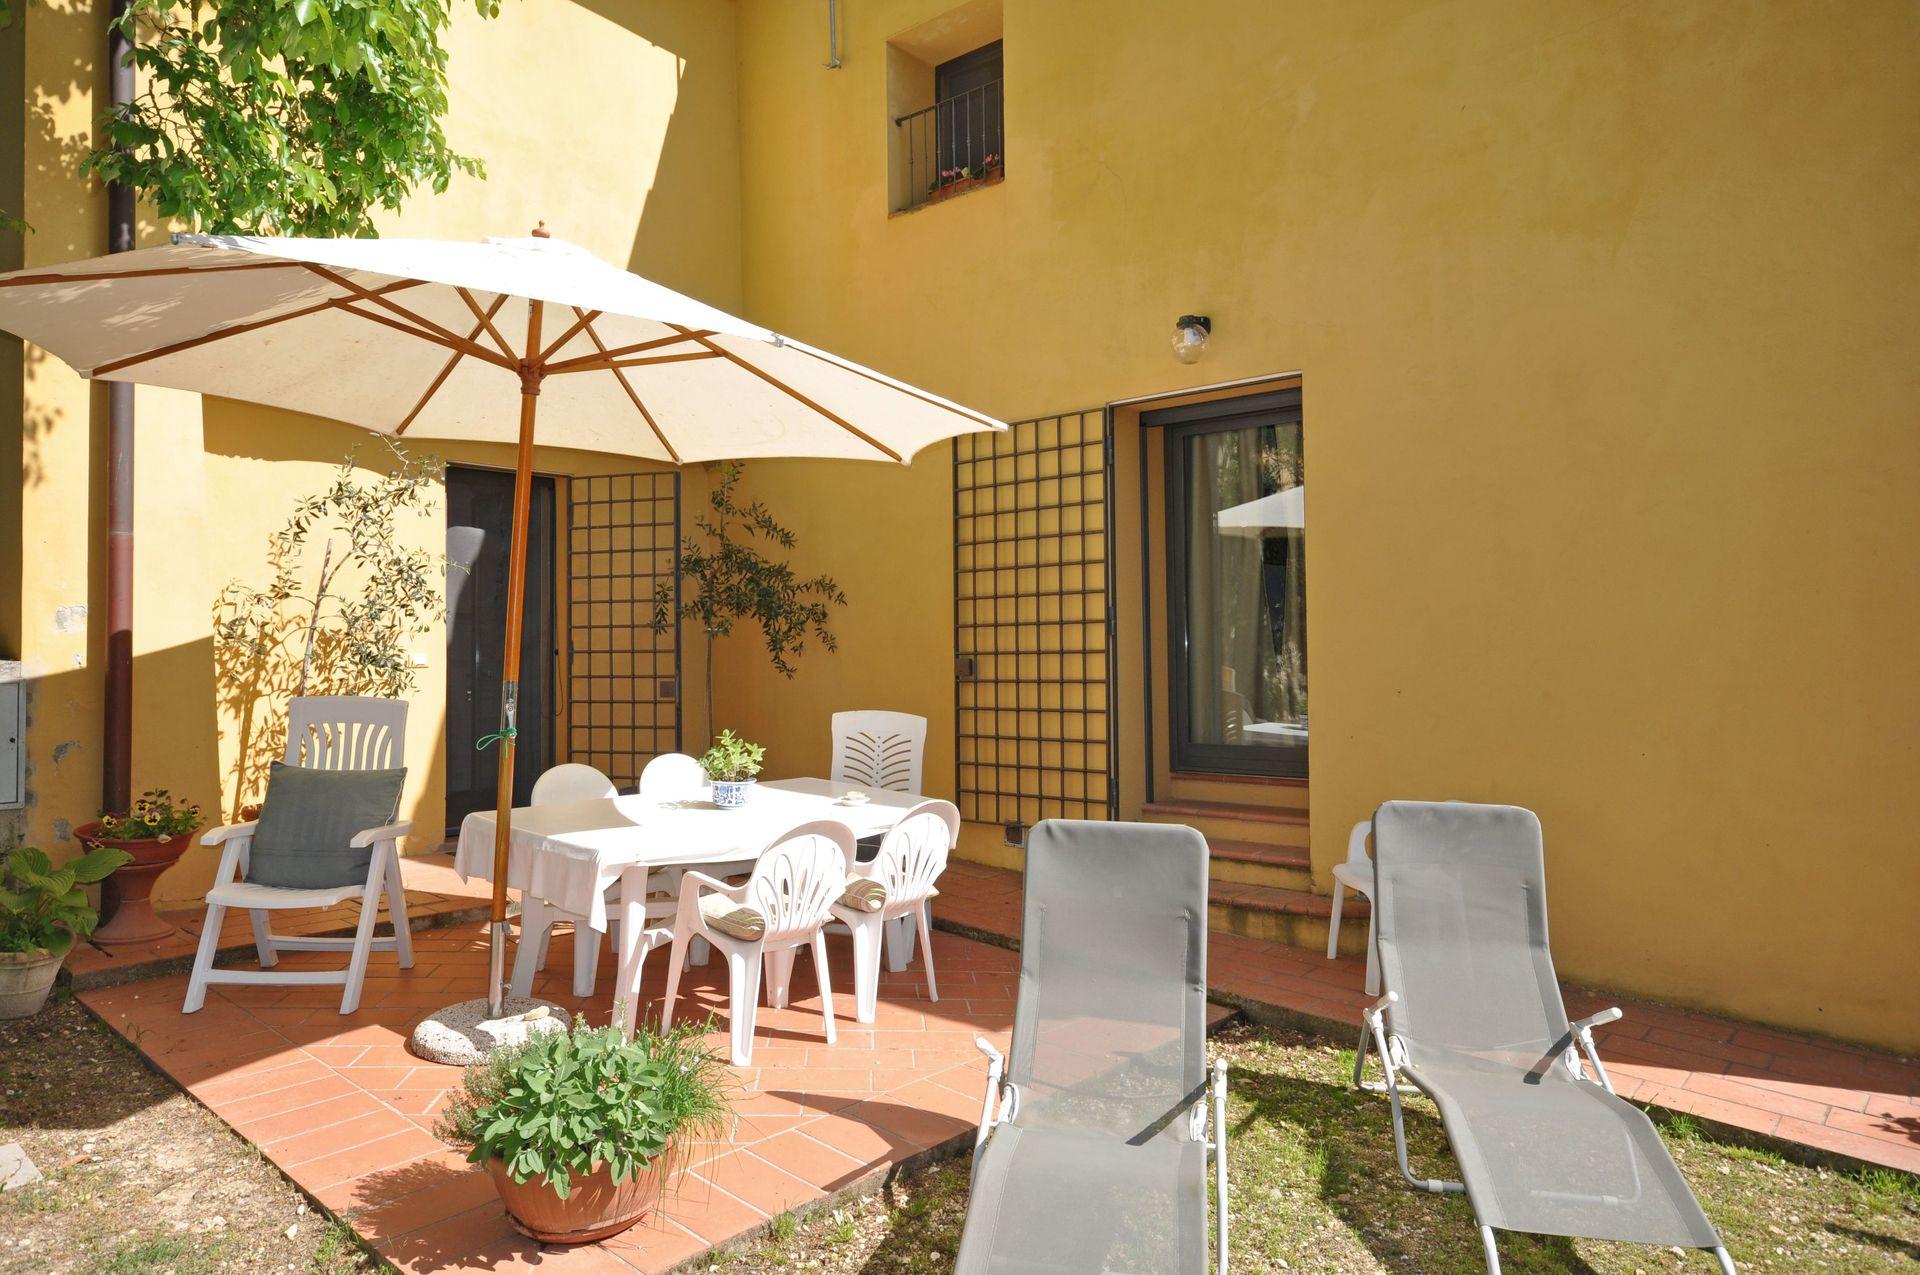 Casa benedetta casa vacanze con 8 posti letto in 4 for Piani di casa del fienile con 4 camere da letto